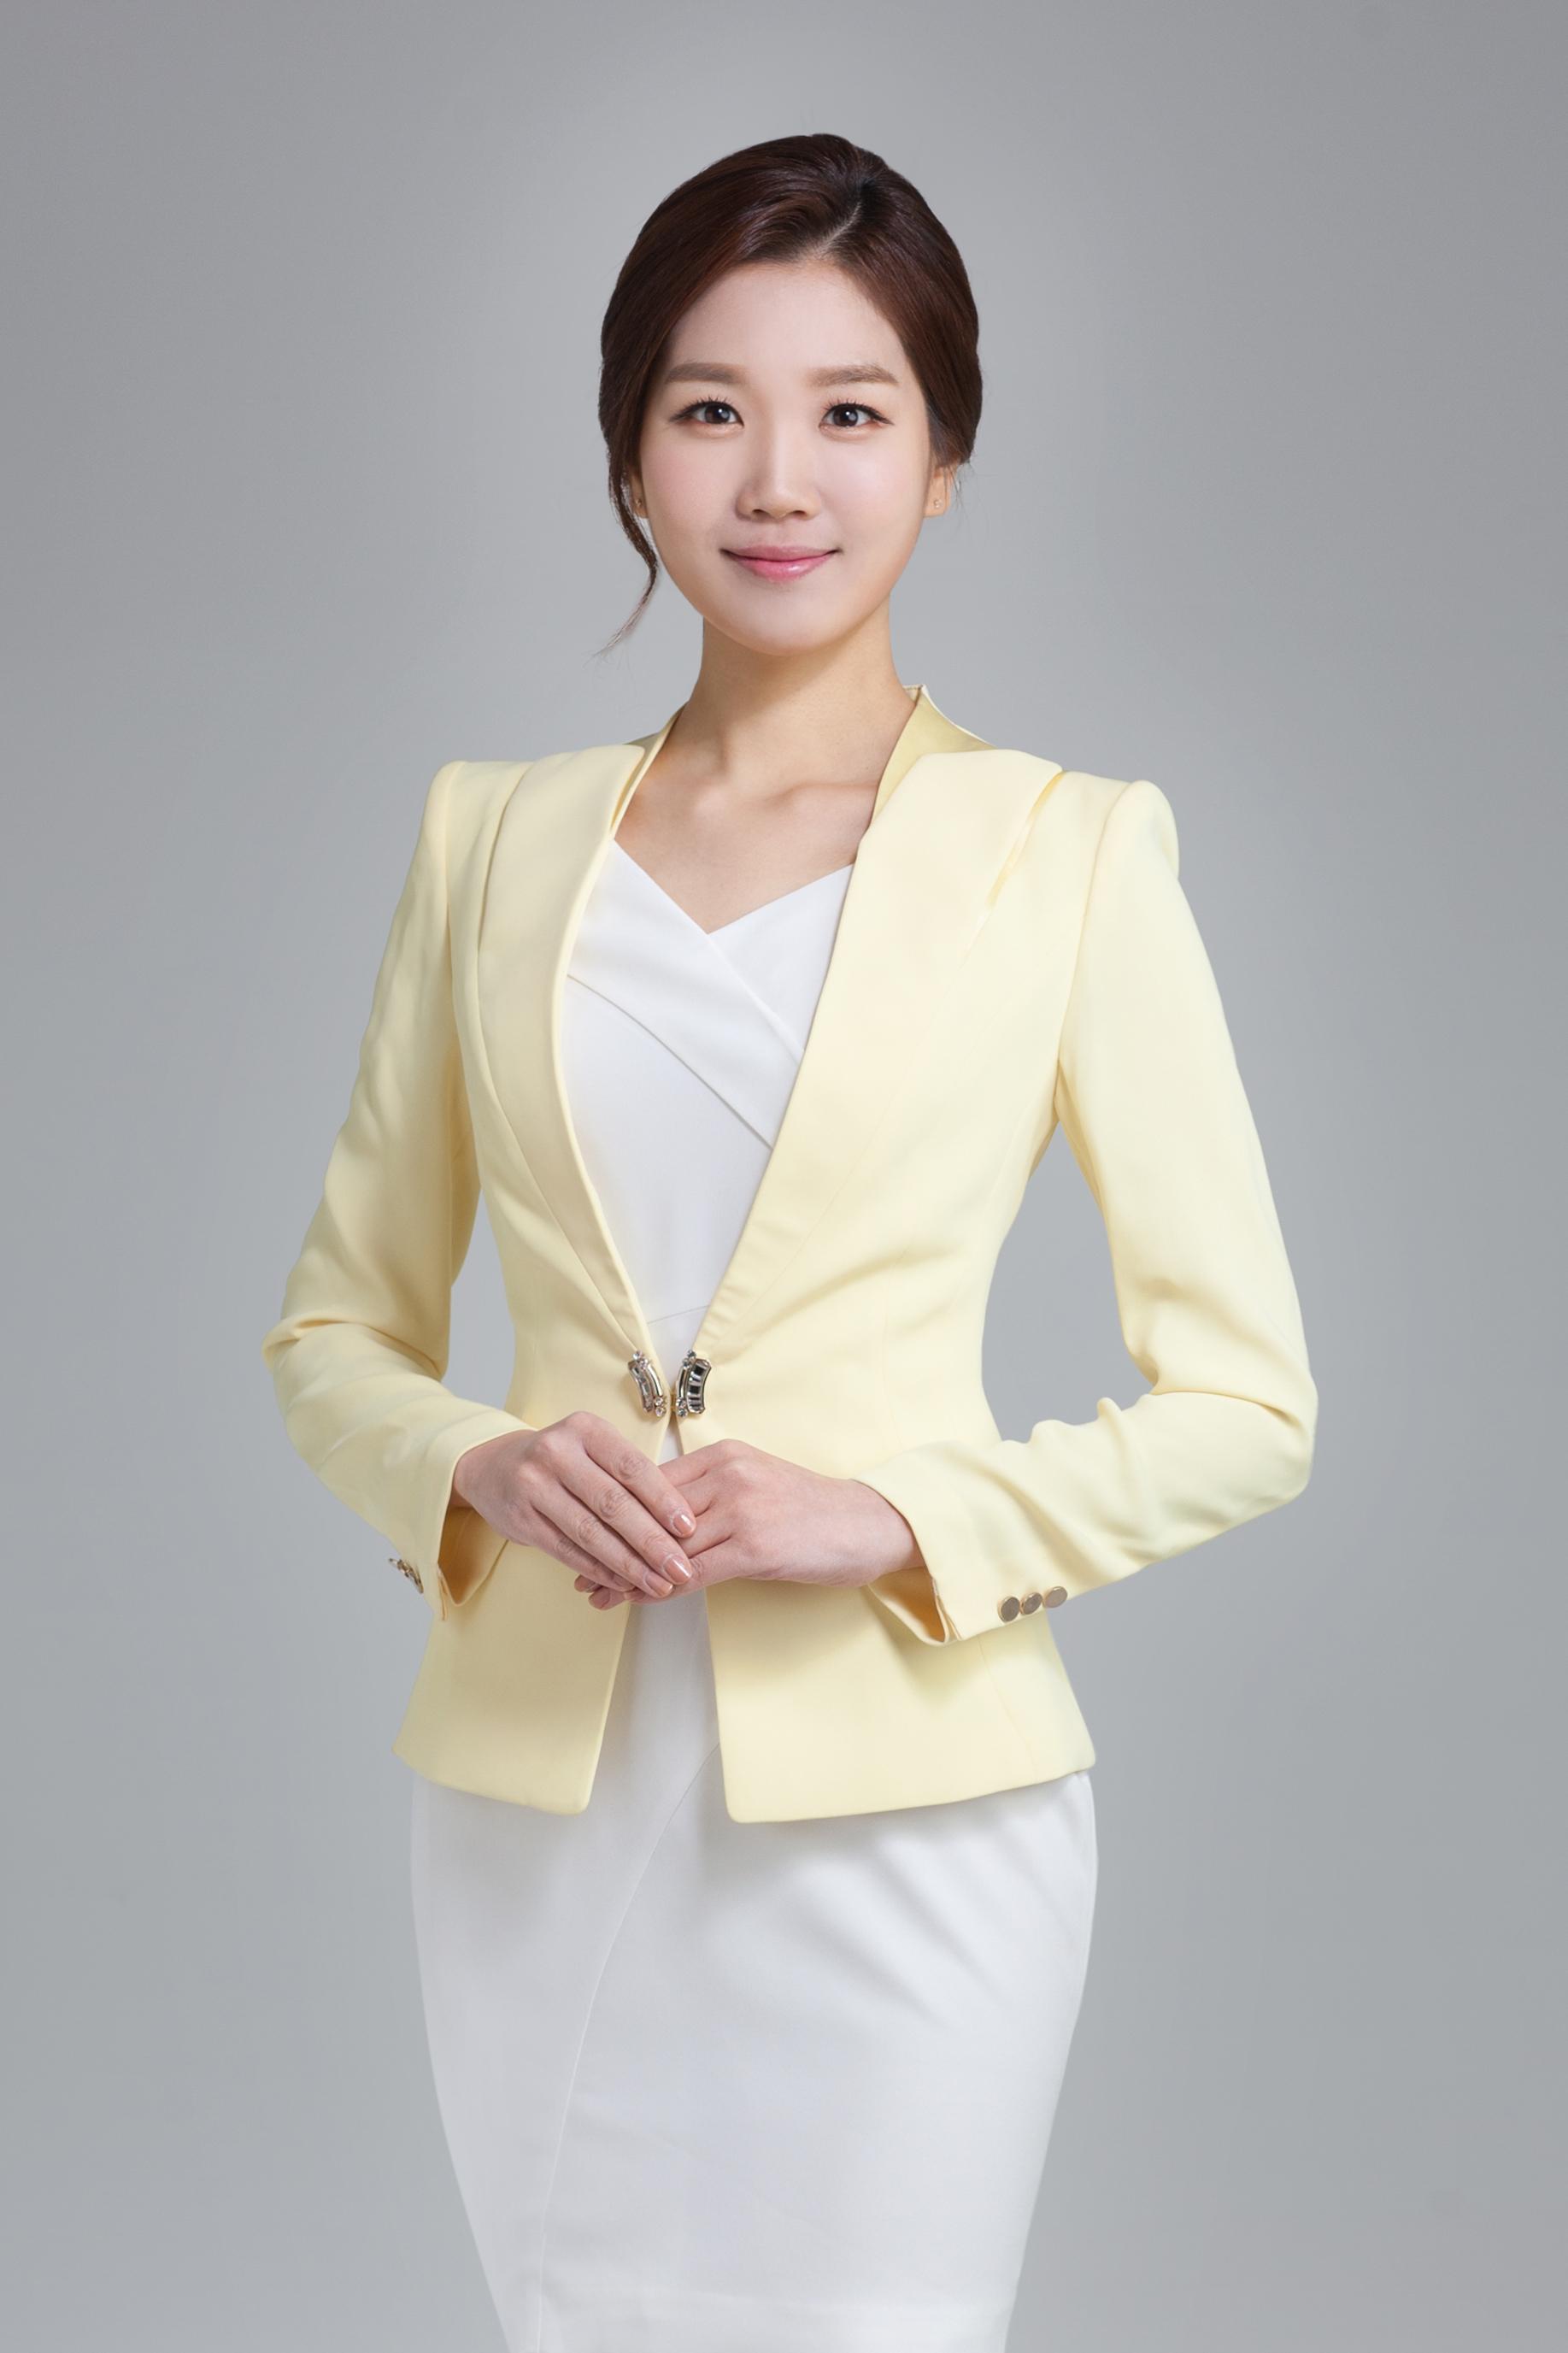 1.김도희 프로필.jpg